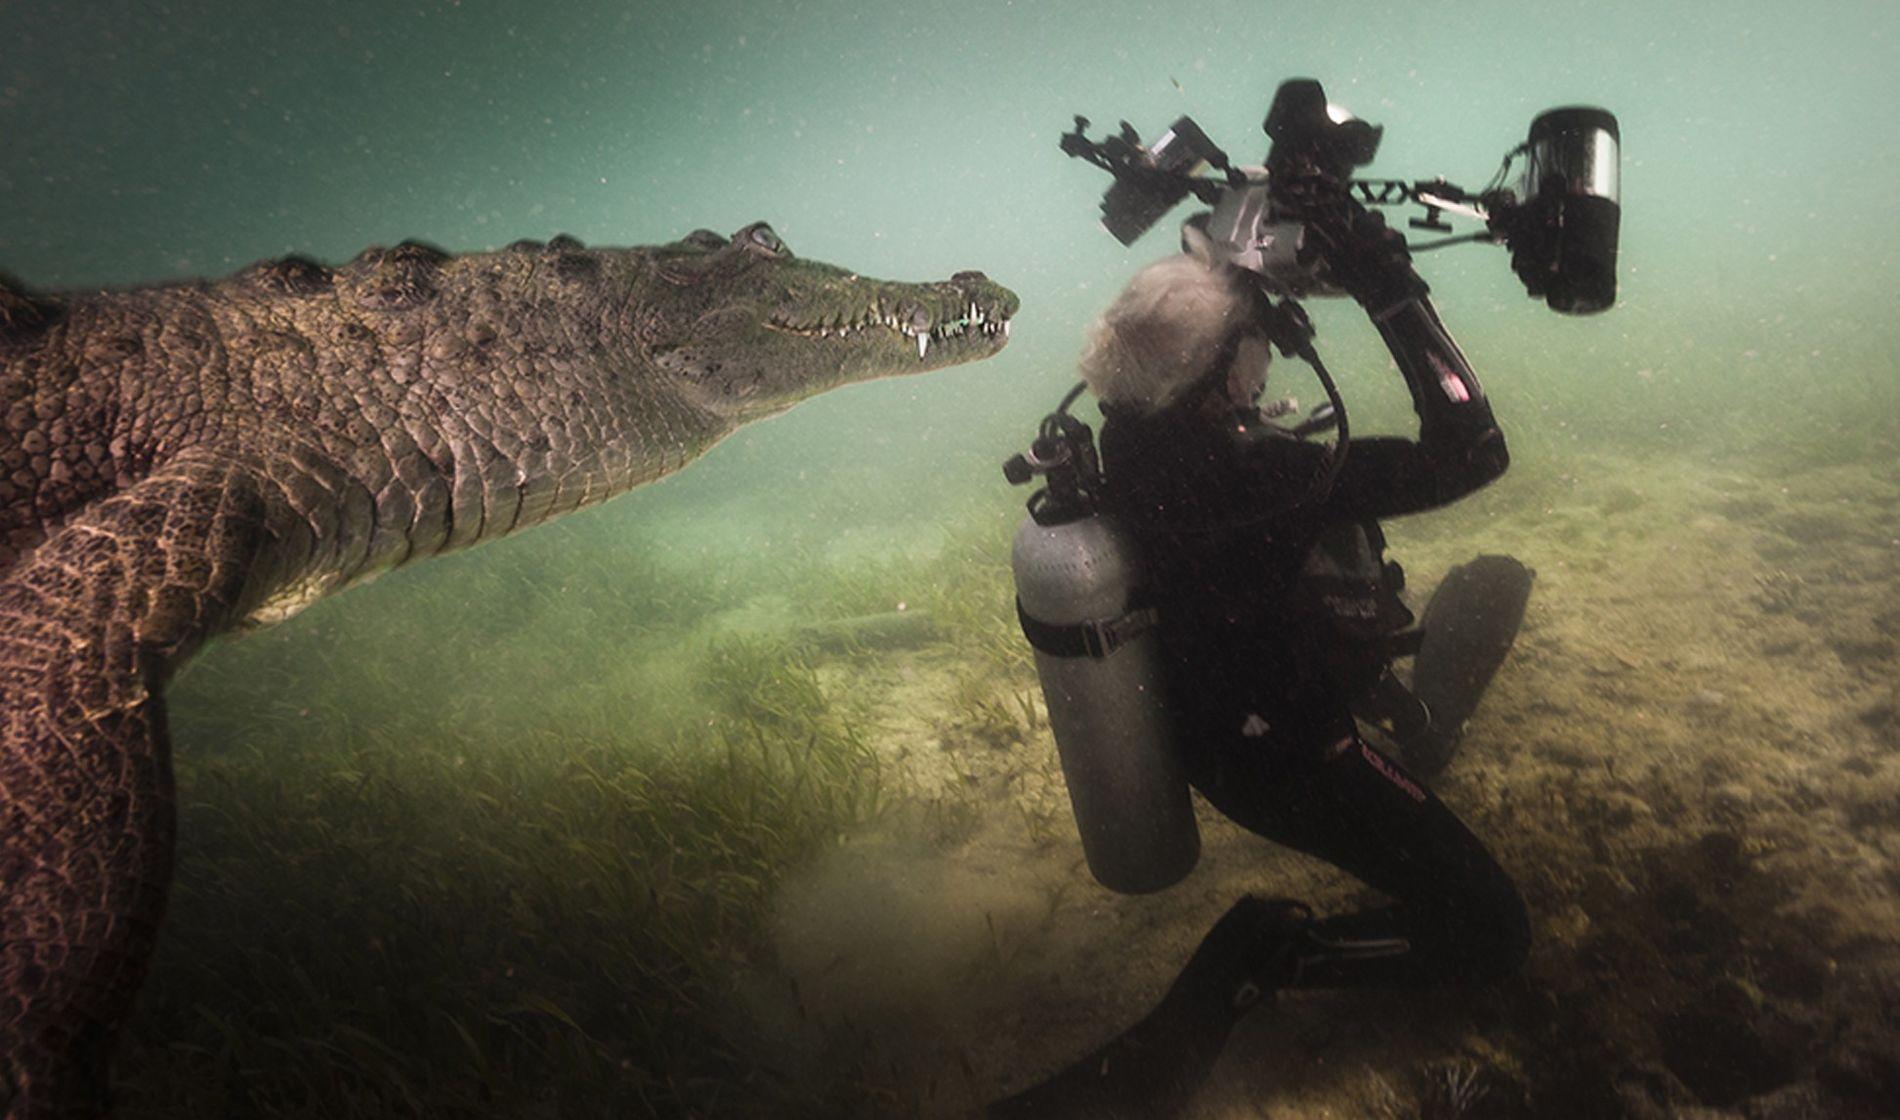 Die Fotografin Jennifer Hayes bekommt Besuch von einem neugierigen Krokodil, als sie gerade Fotos in den ...